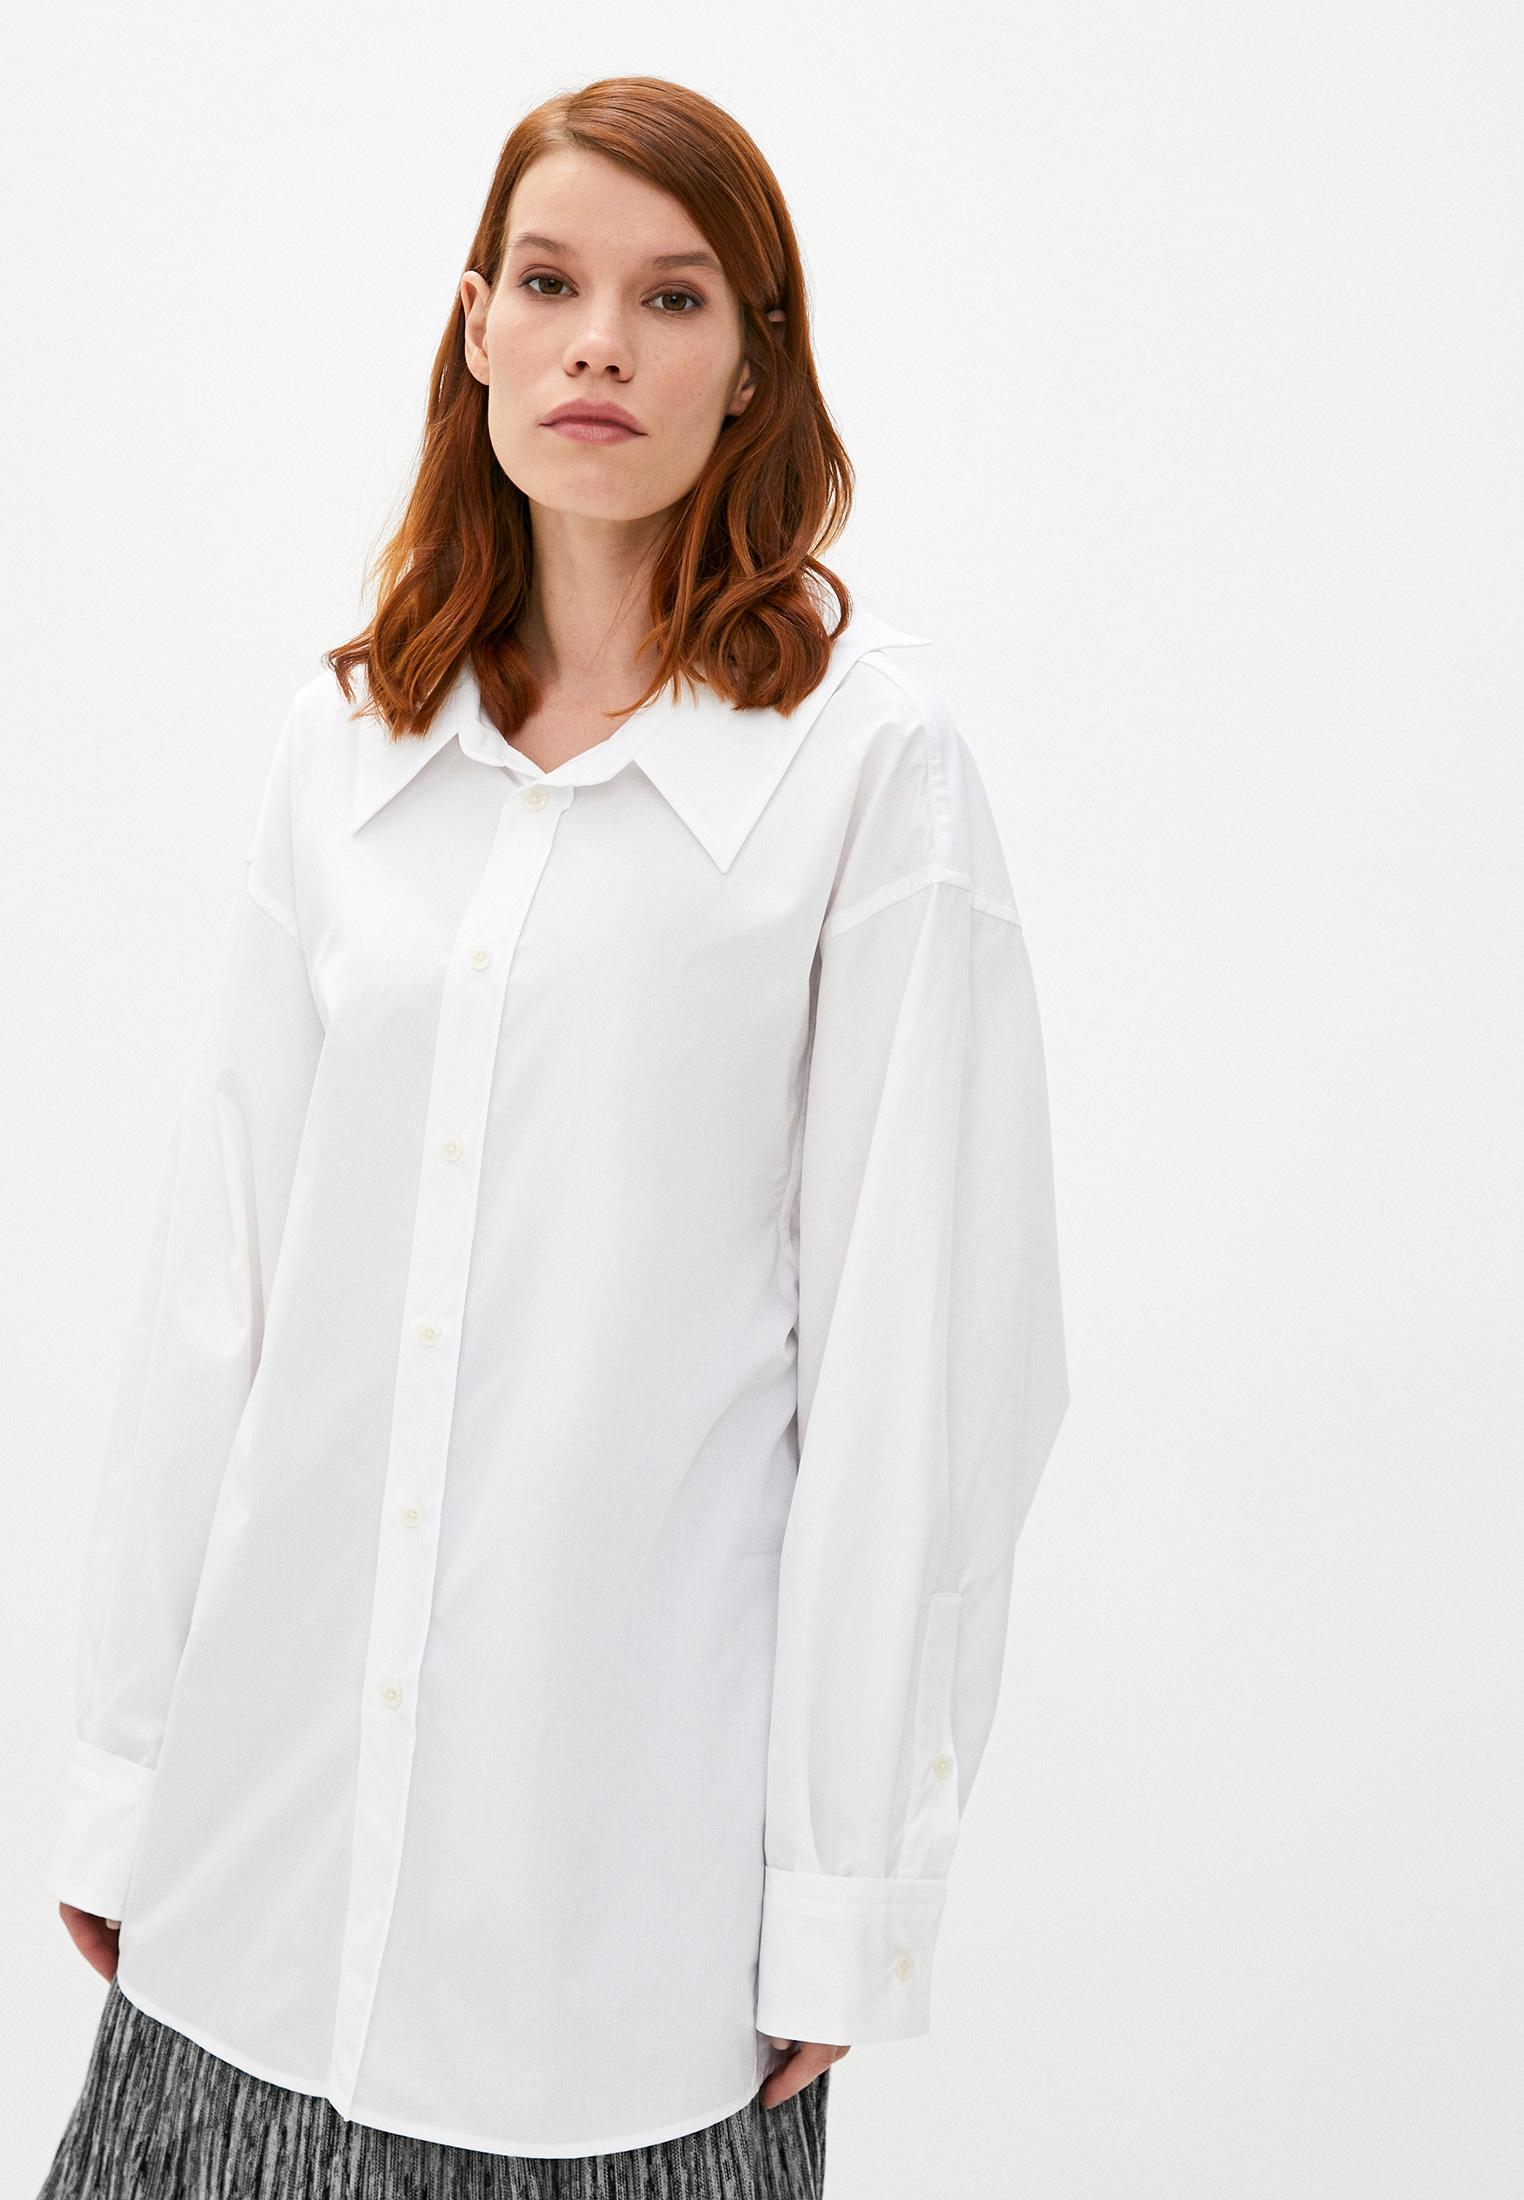 Женские рубашки с длинным рукавом MARNI CAMAW37A01TCY67